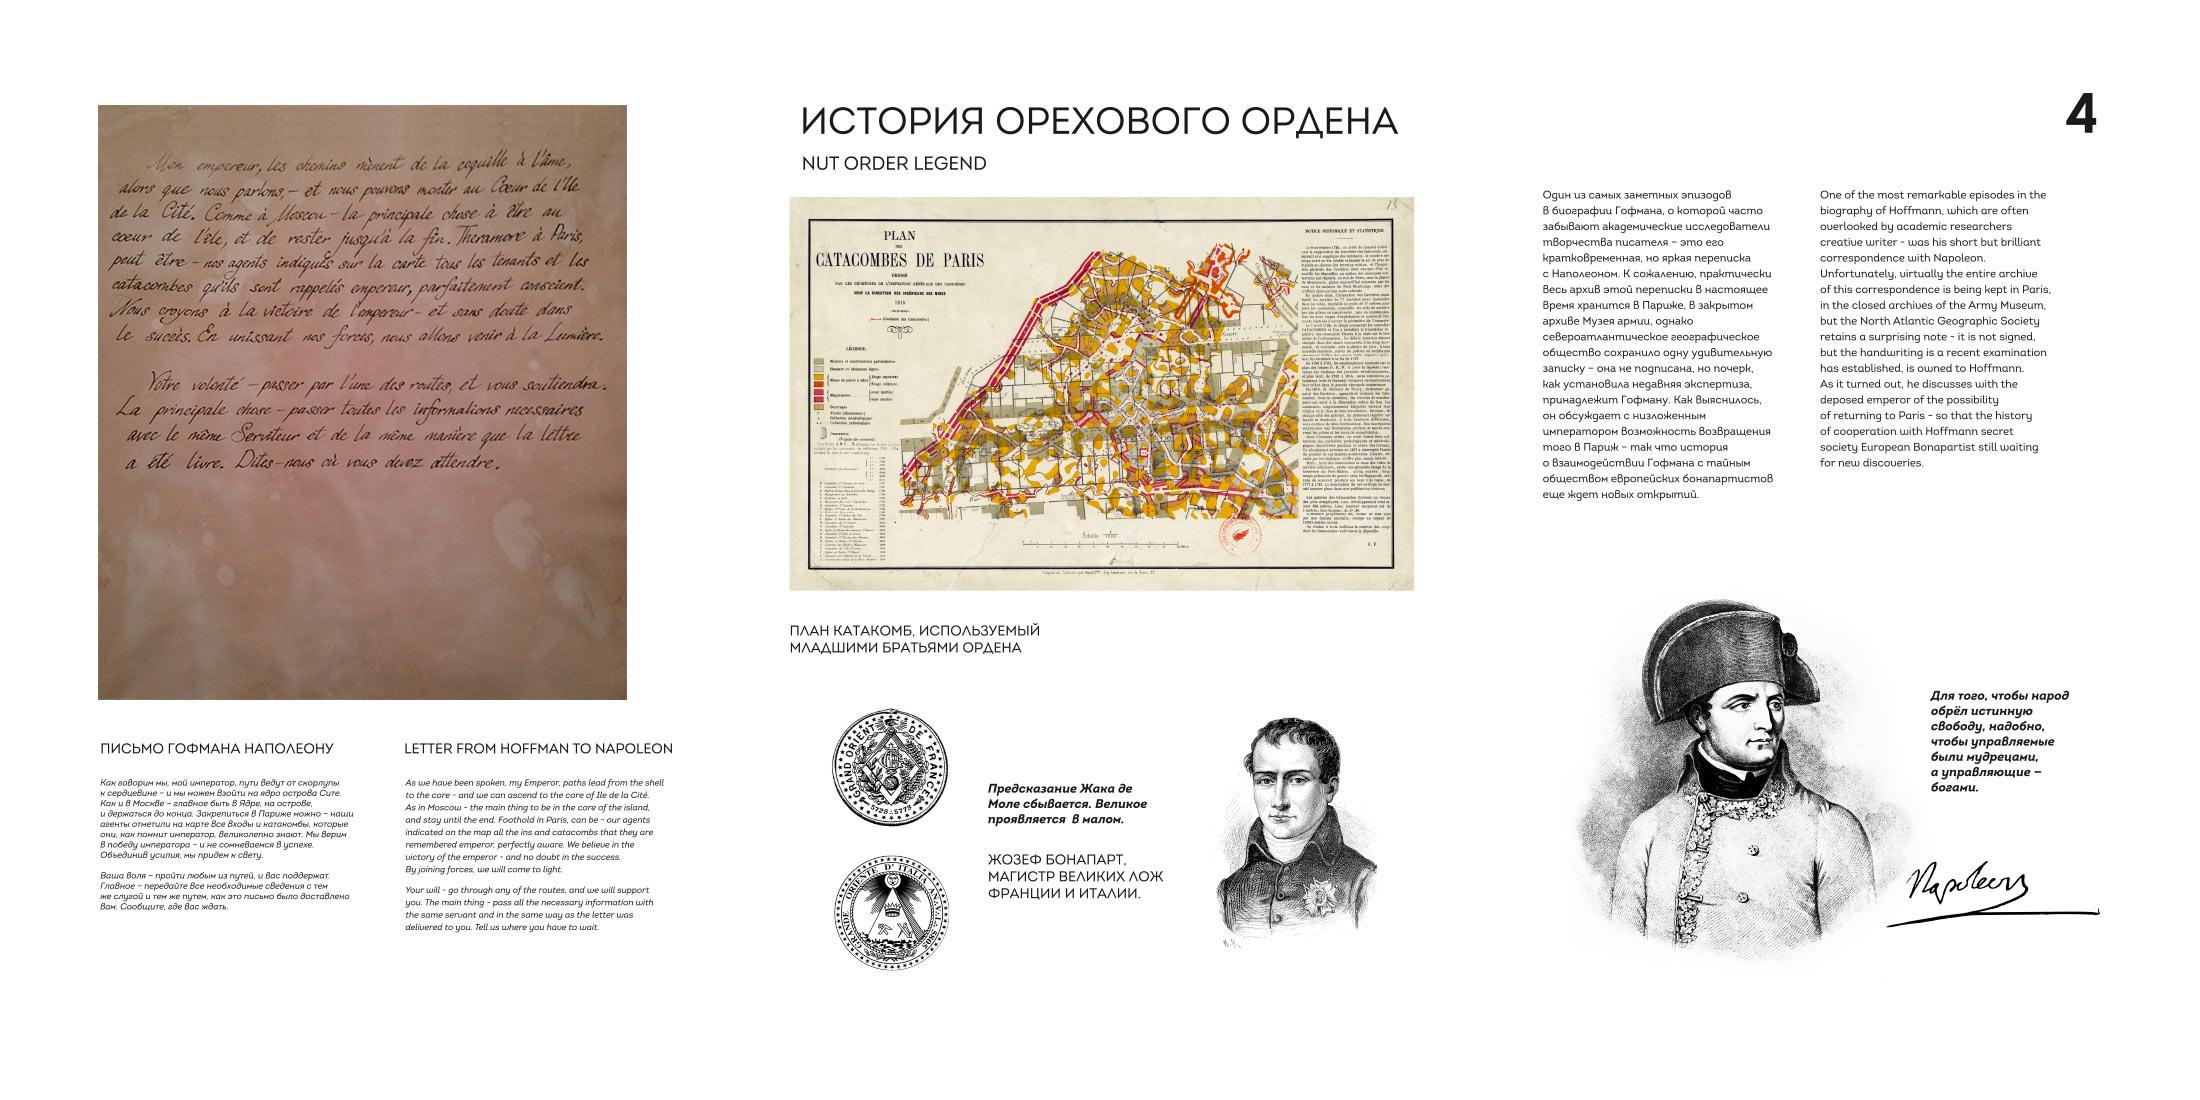 Ореховый-орден-4